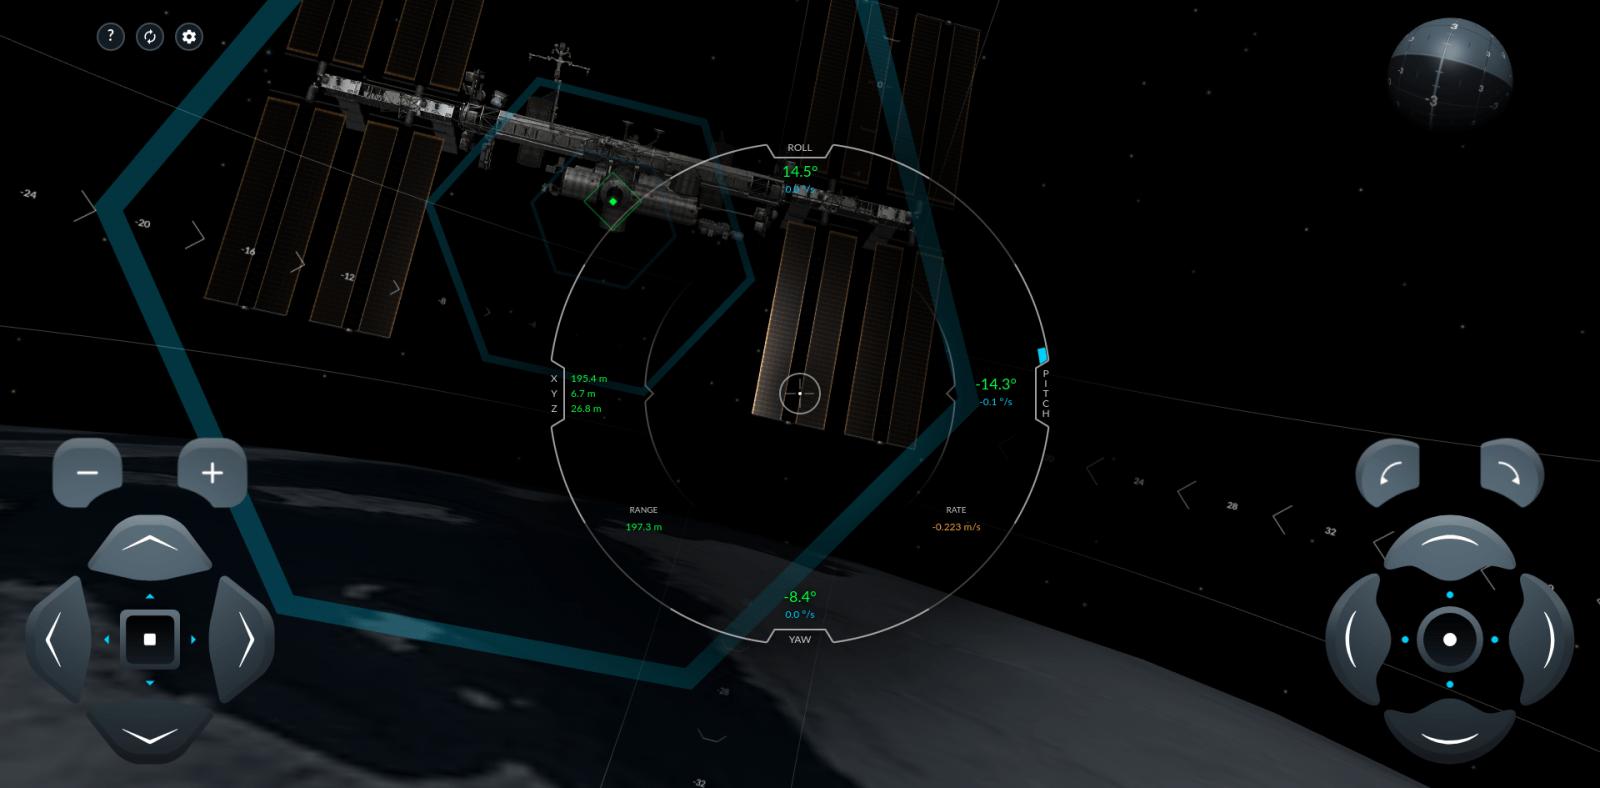 SpaceX выпустила симулятор стыковки космического корабля с МКС (screenshot from 2020 05 13 15 29 15)